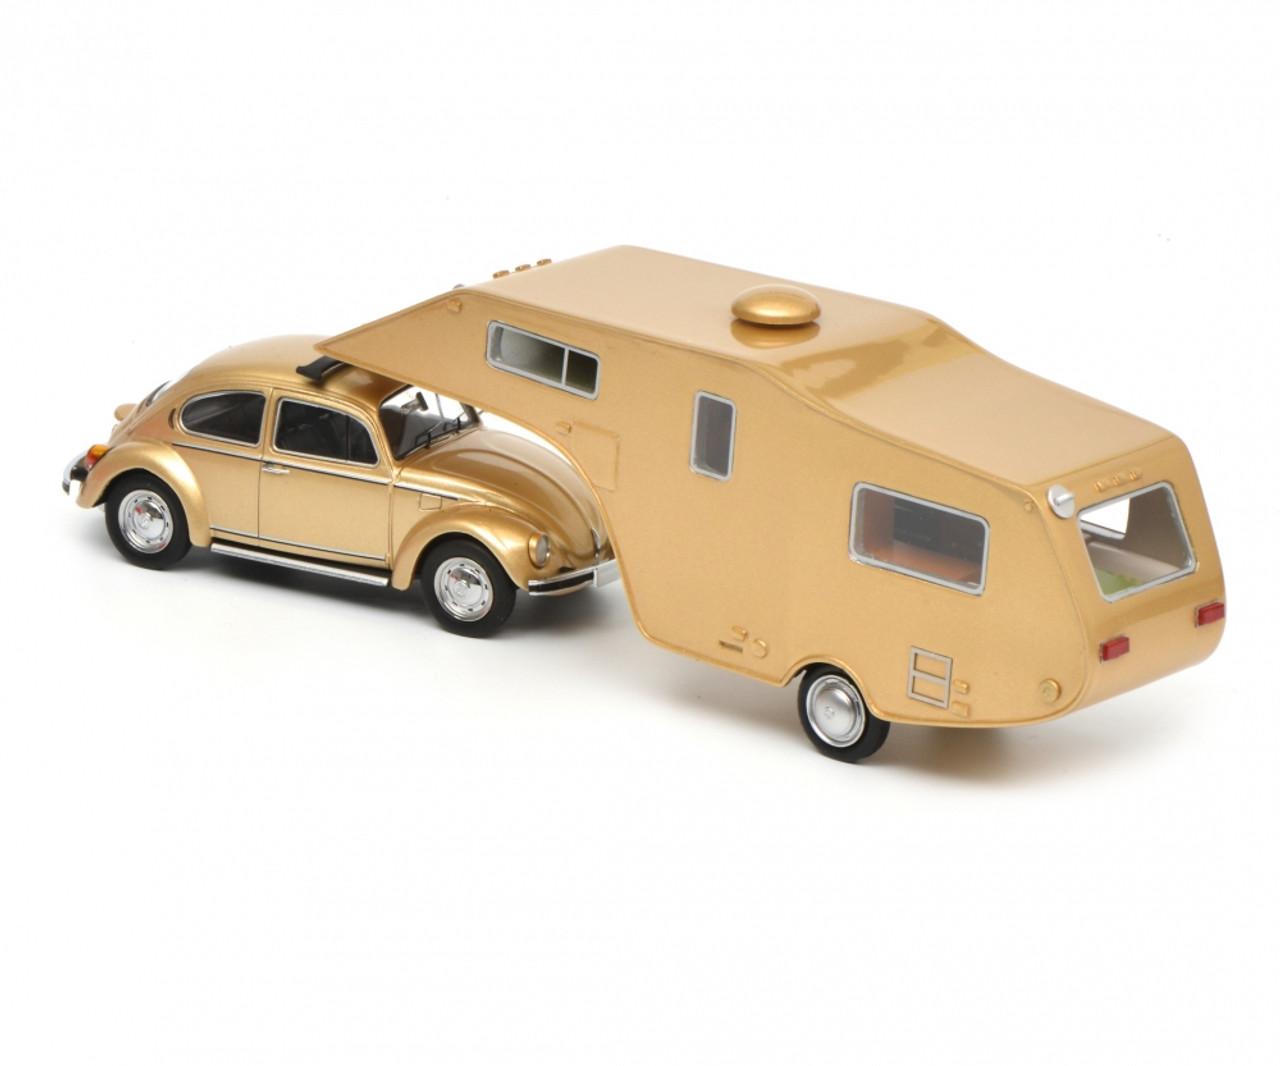 Kafer mit Wohnanhanger Schuco 1//64 VW Beetle with Caravan 452022500